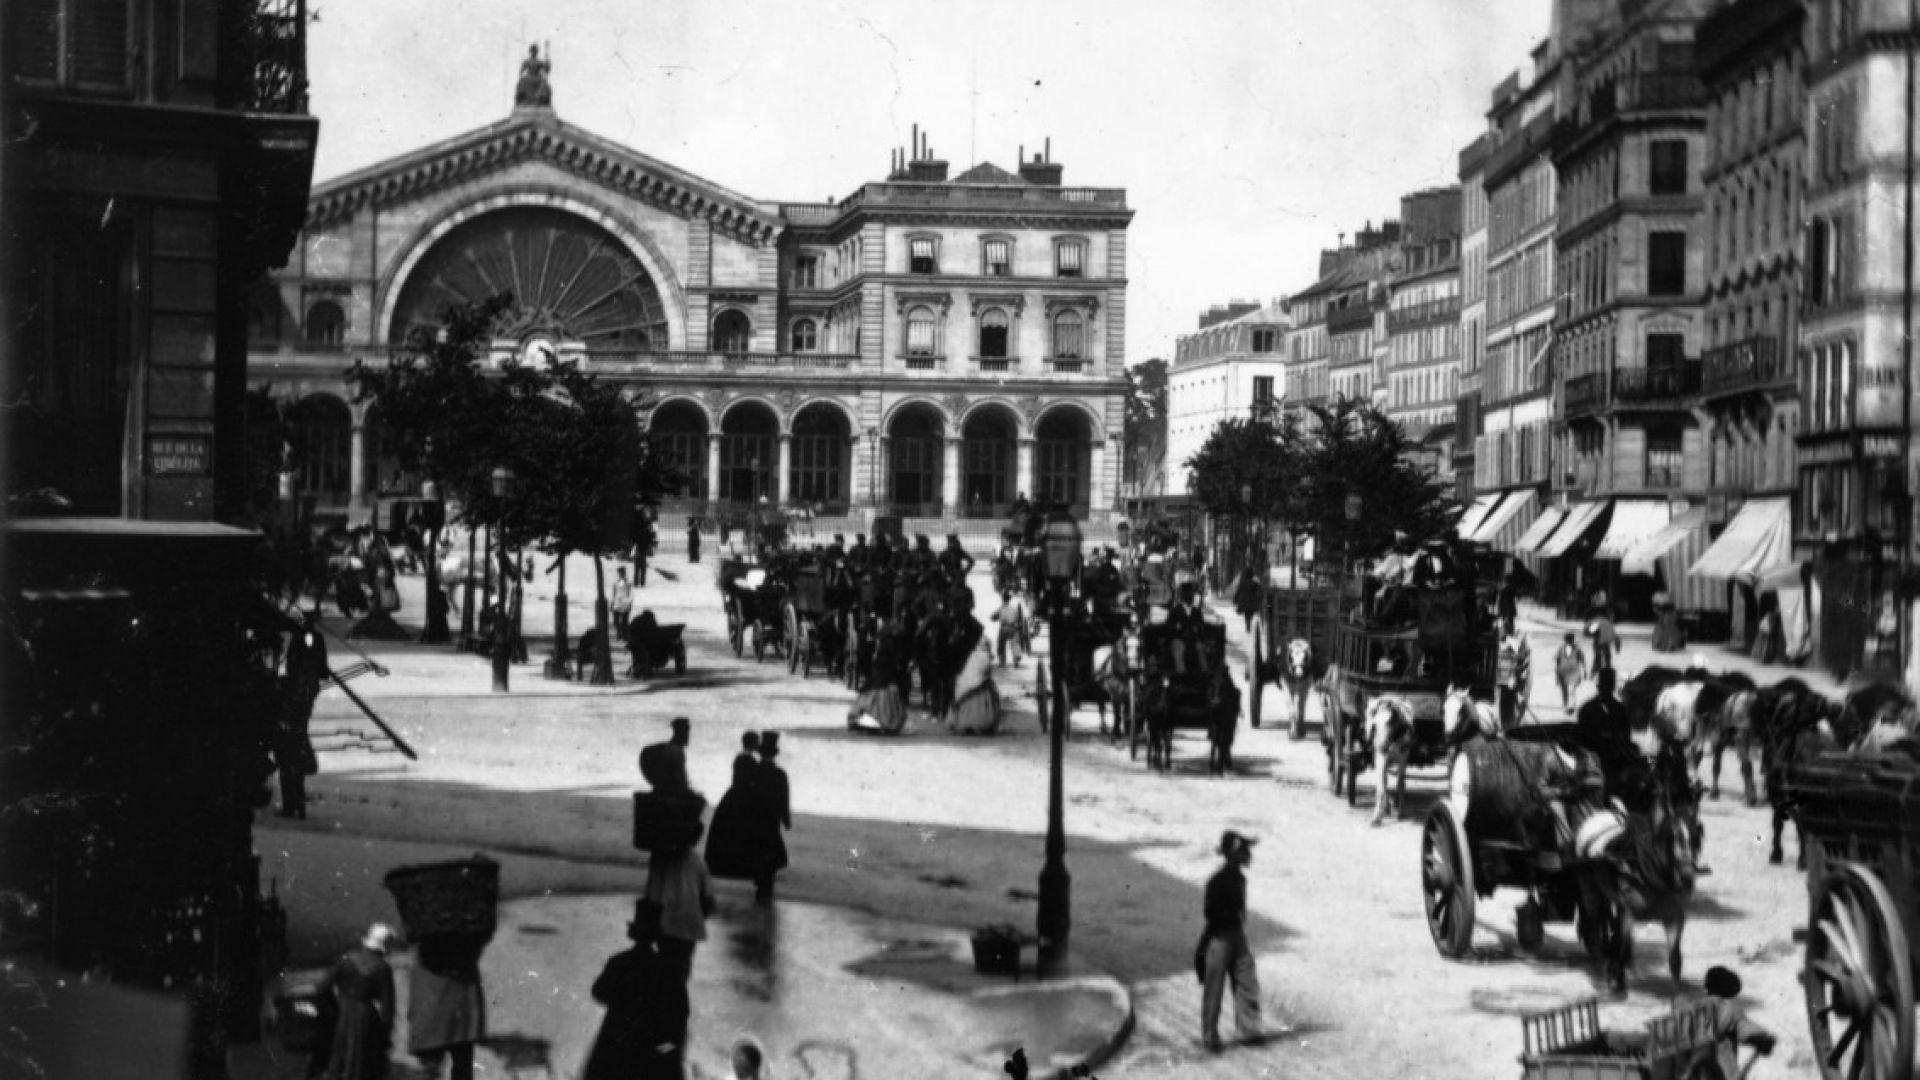 Източната гара на Париж (Gare de l'Est)